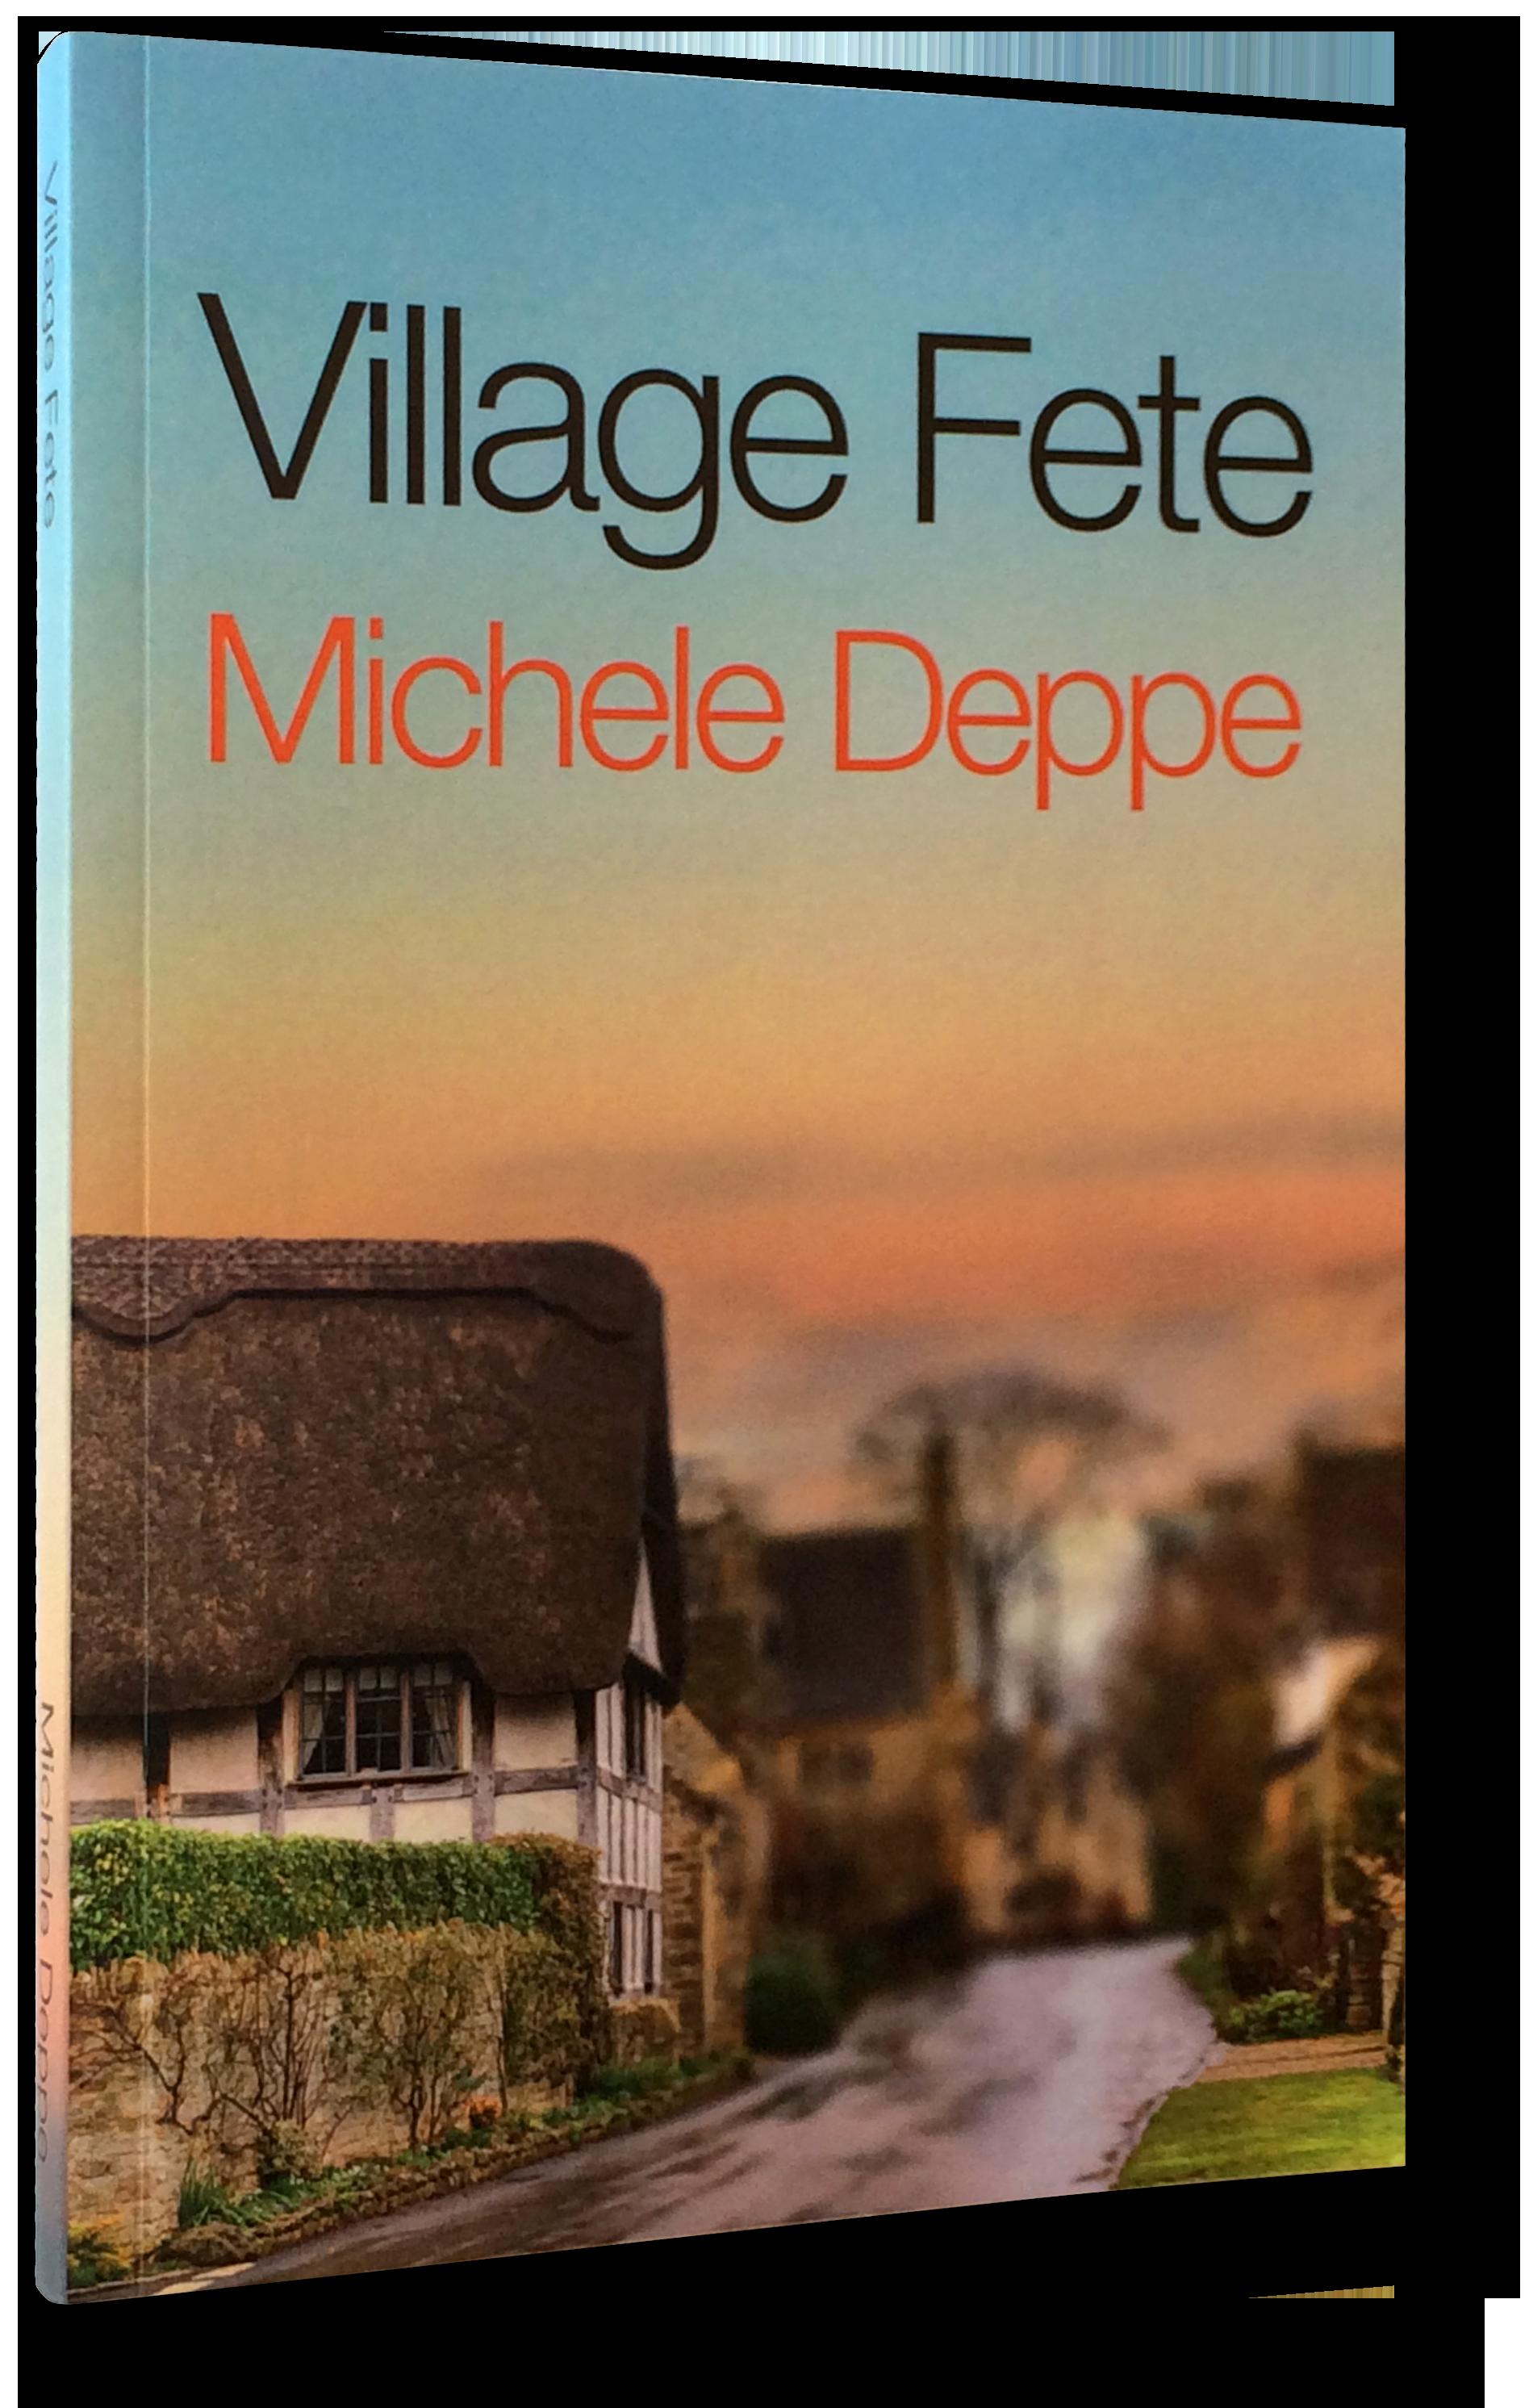 VillageFeteBookPhoto.png